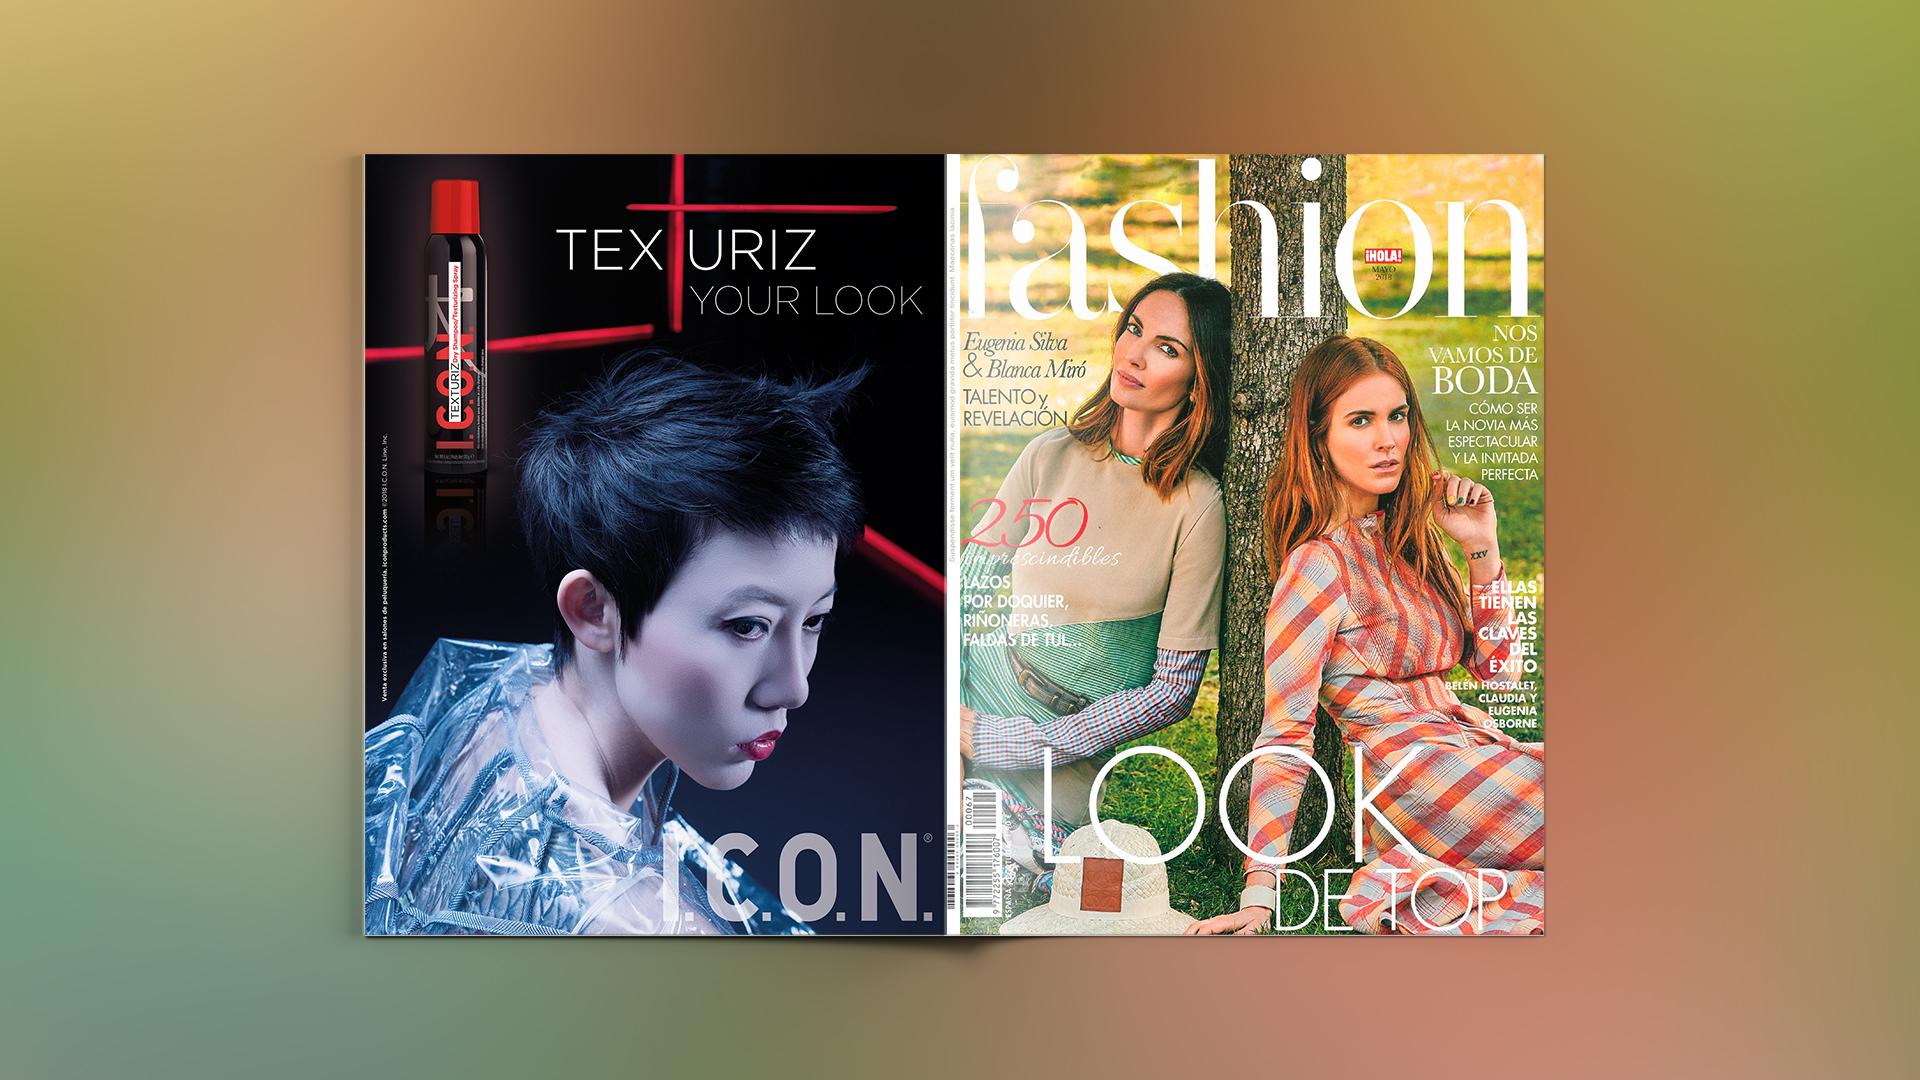 Texturiz de I.C.O.N. en Hola! Fashion